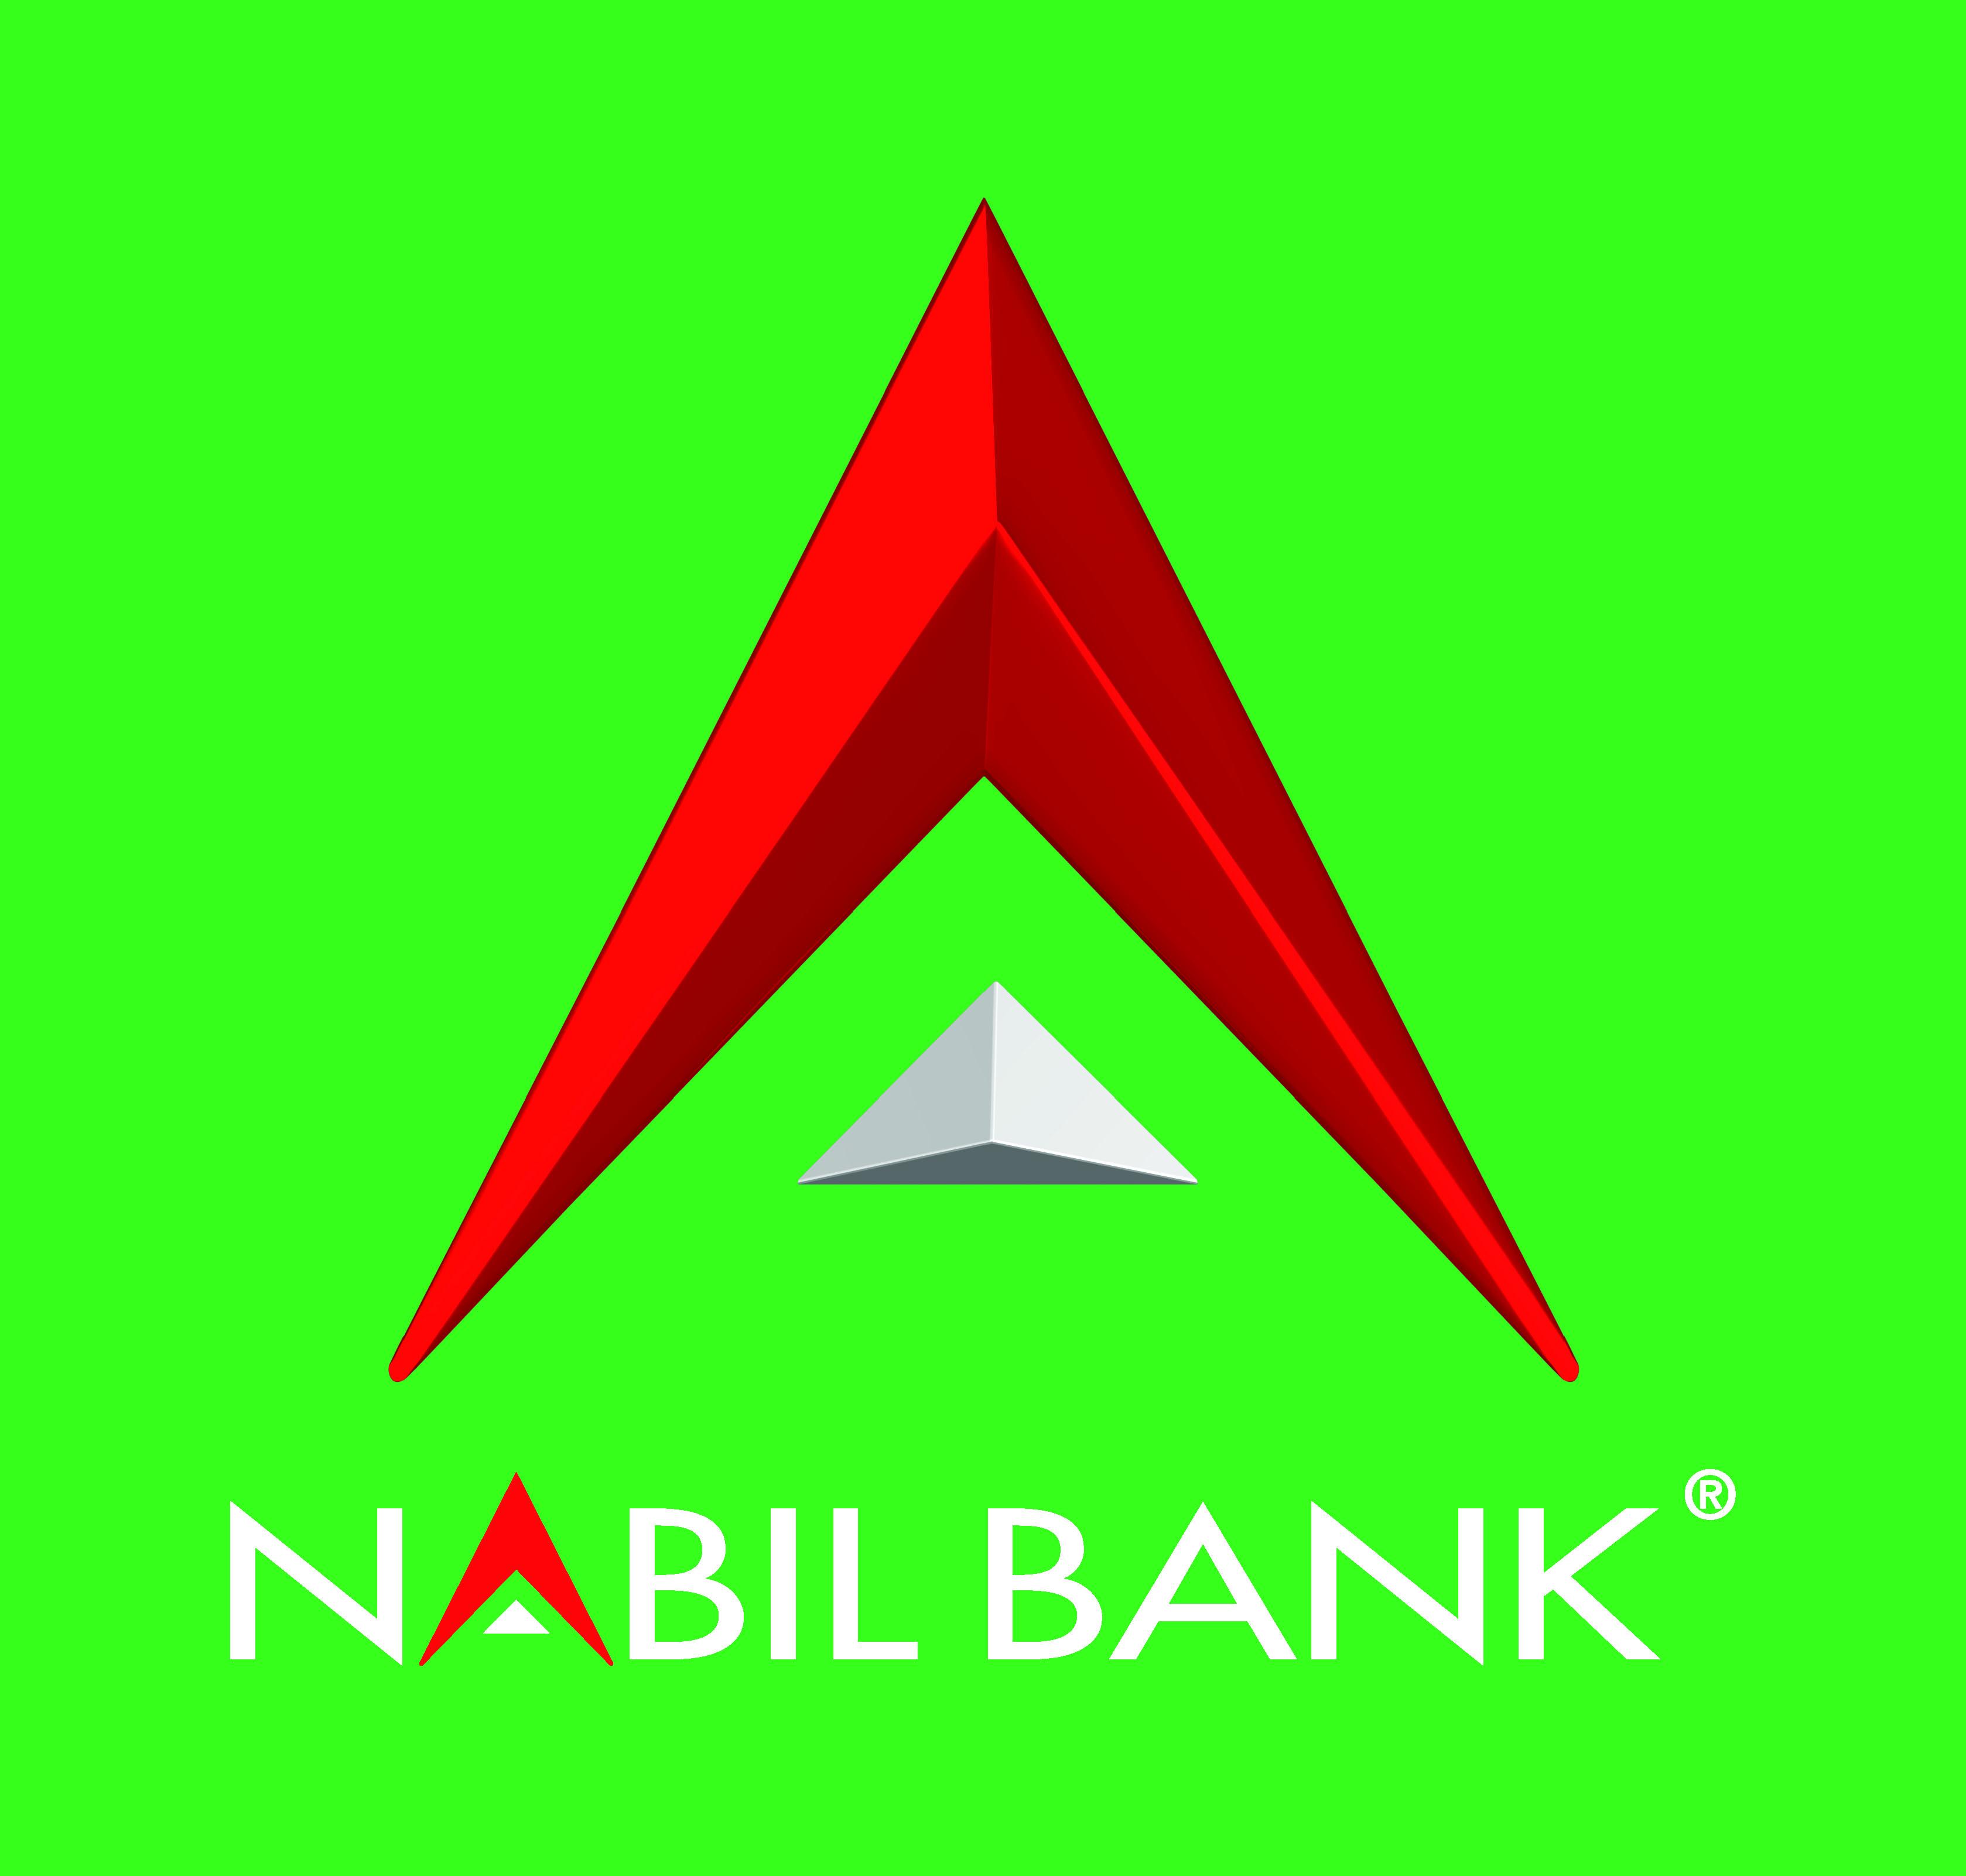 नबिल बैंक र वान टु वाच बीच लघु, साना तथा मझौला उद्यमीहरूलाई सहयोग गर्न सहकार्य